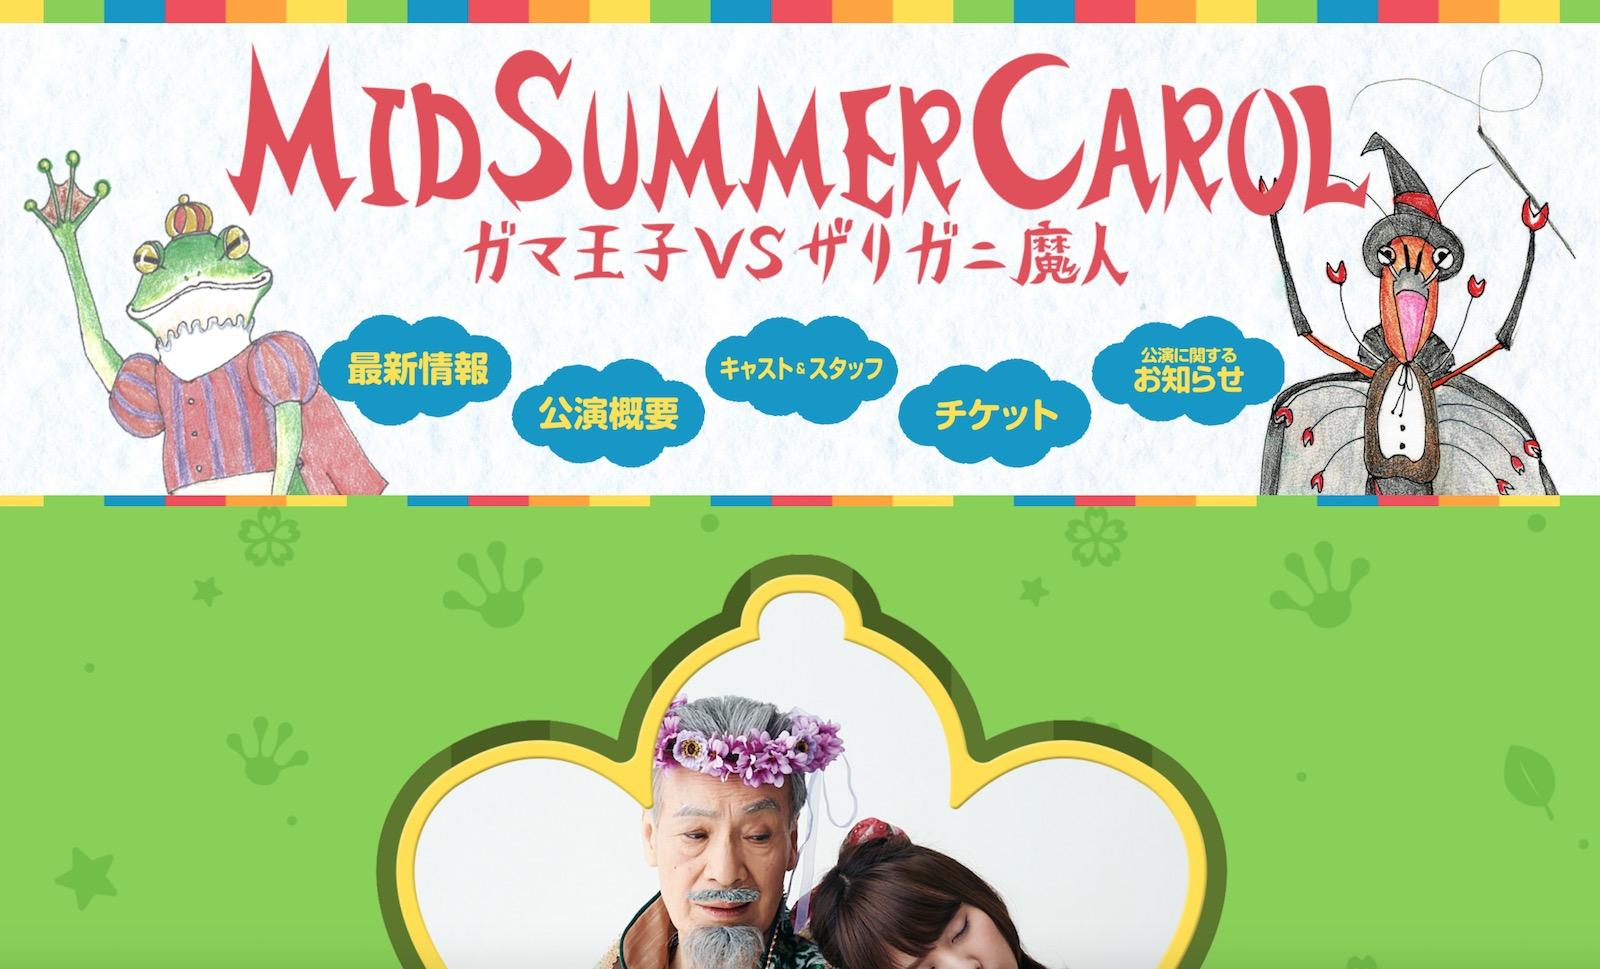 舞台『MIDSUMMER CAROL ガマ王子 vs ザリガニ魔人』